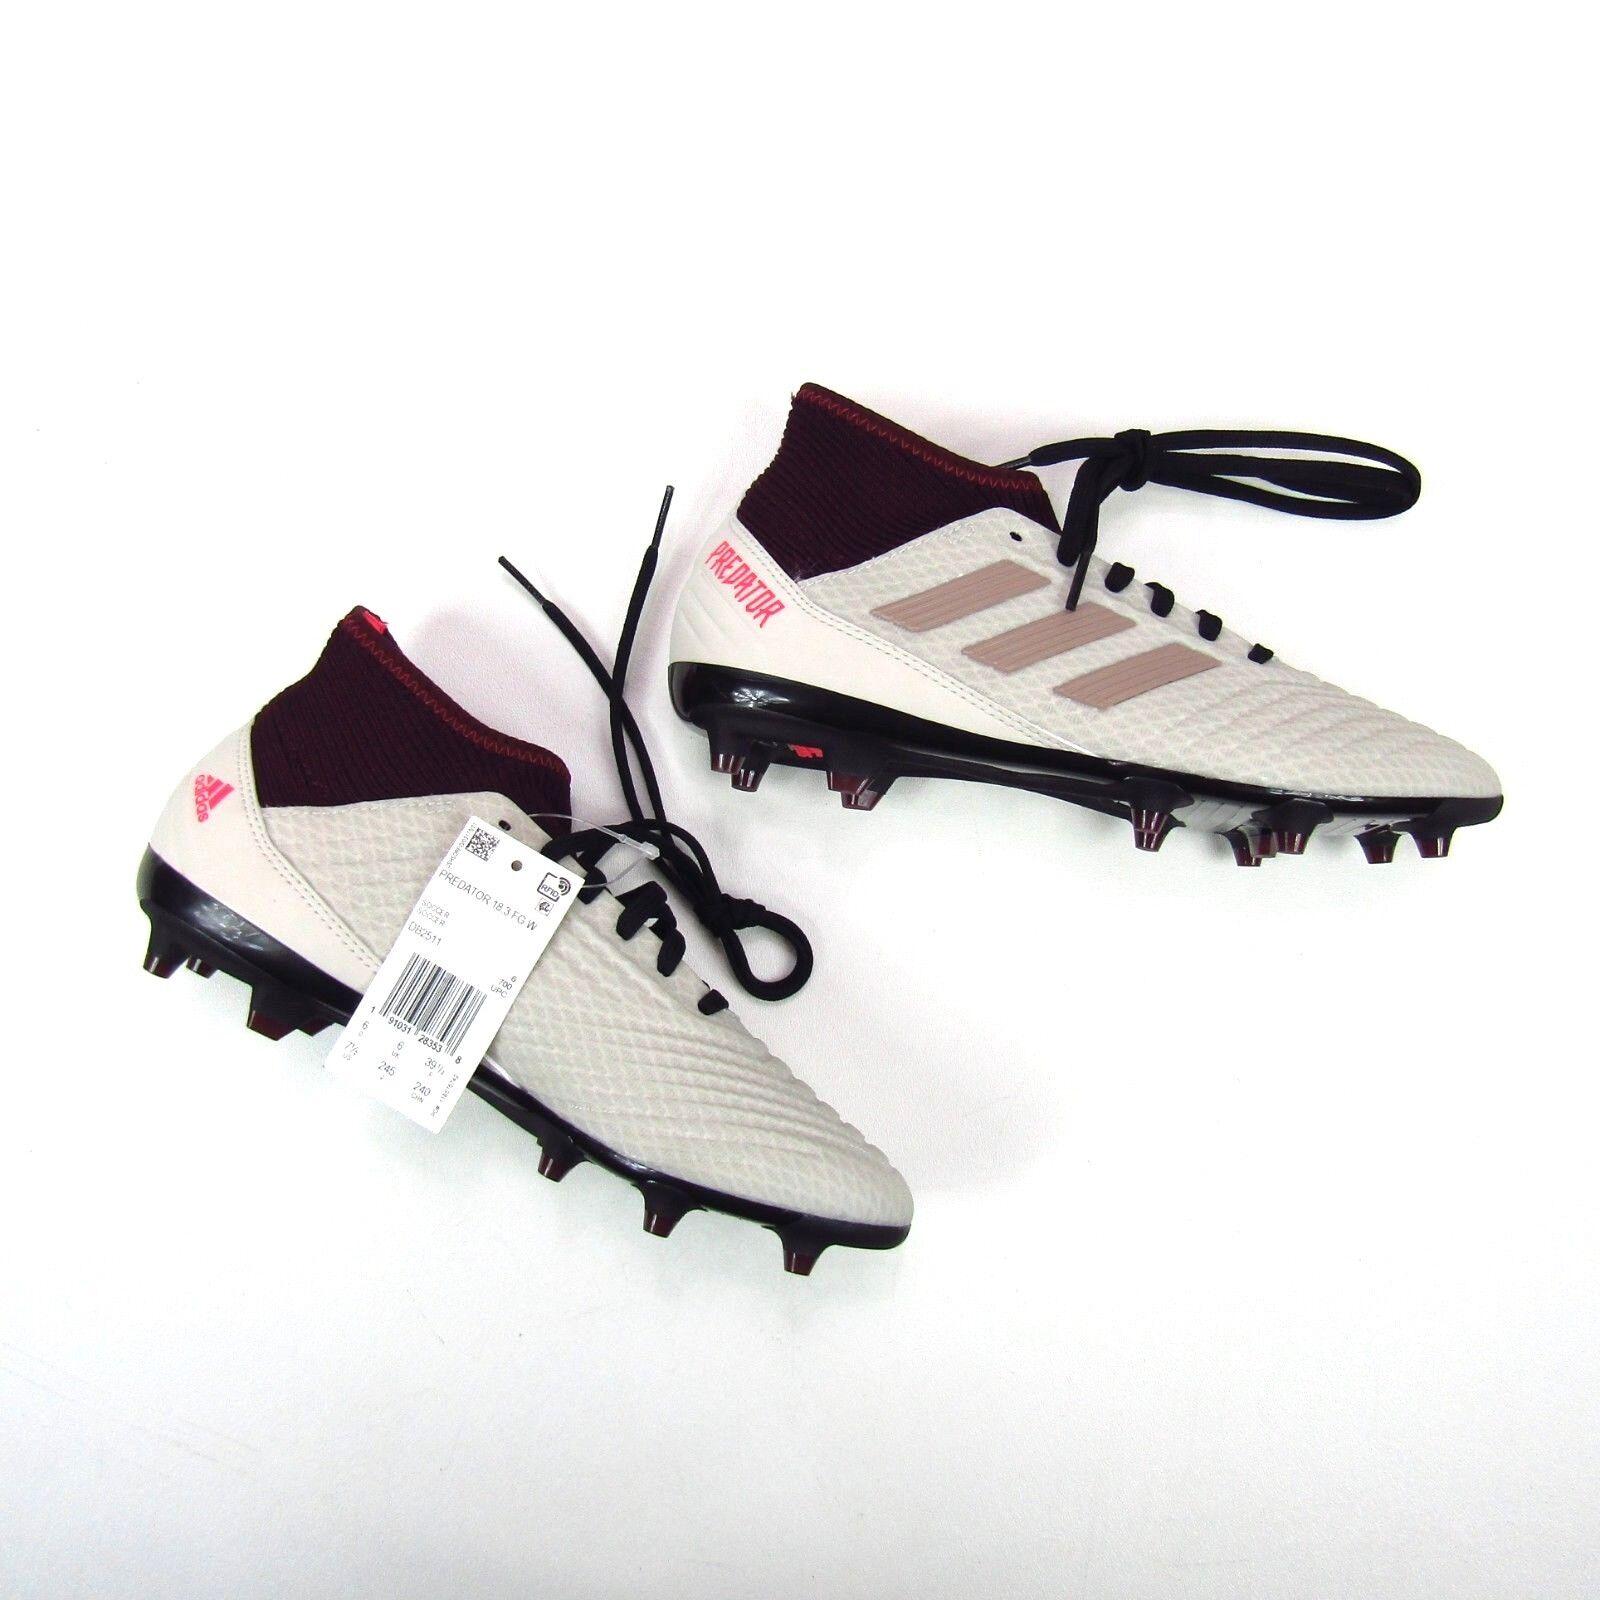 c469879c98b Adidas Womens Predator 18.3 FG Soccer Cleats White shoes DB2511 Size 6.5